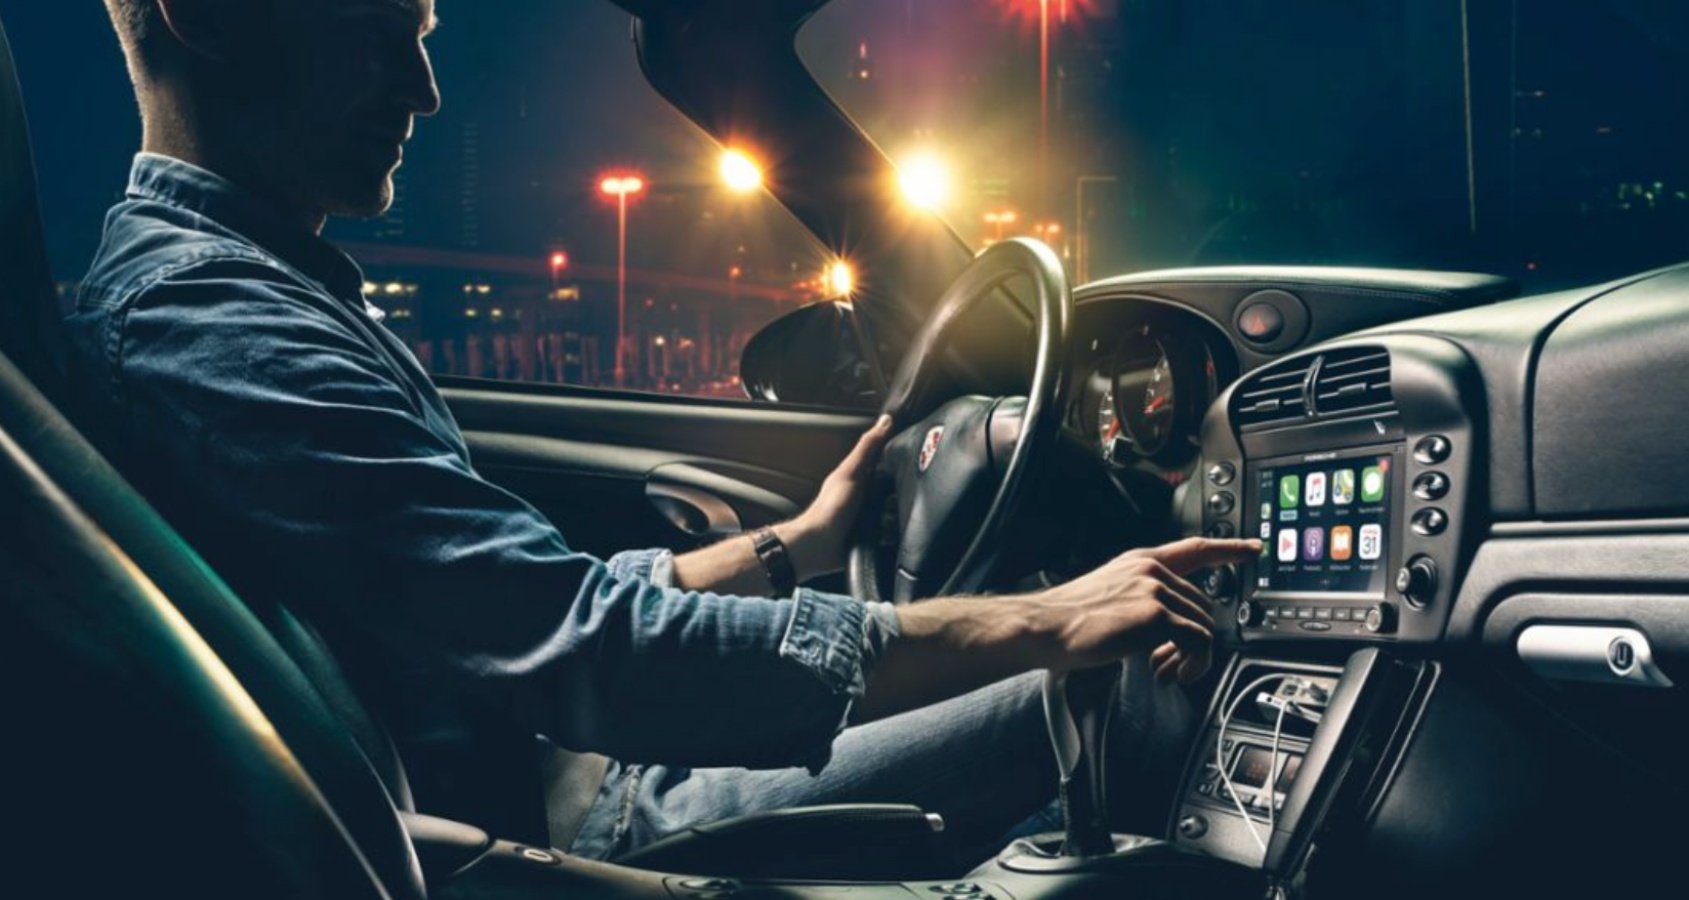 Porsche z lat 60. ubiegłego wieku może mieć Apple CarPlay. Oto oficjalny sposób 27